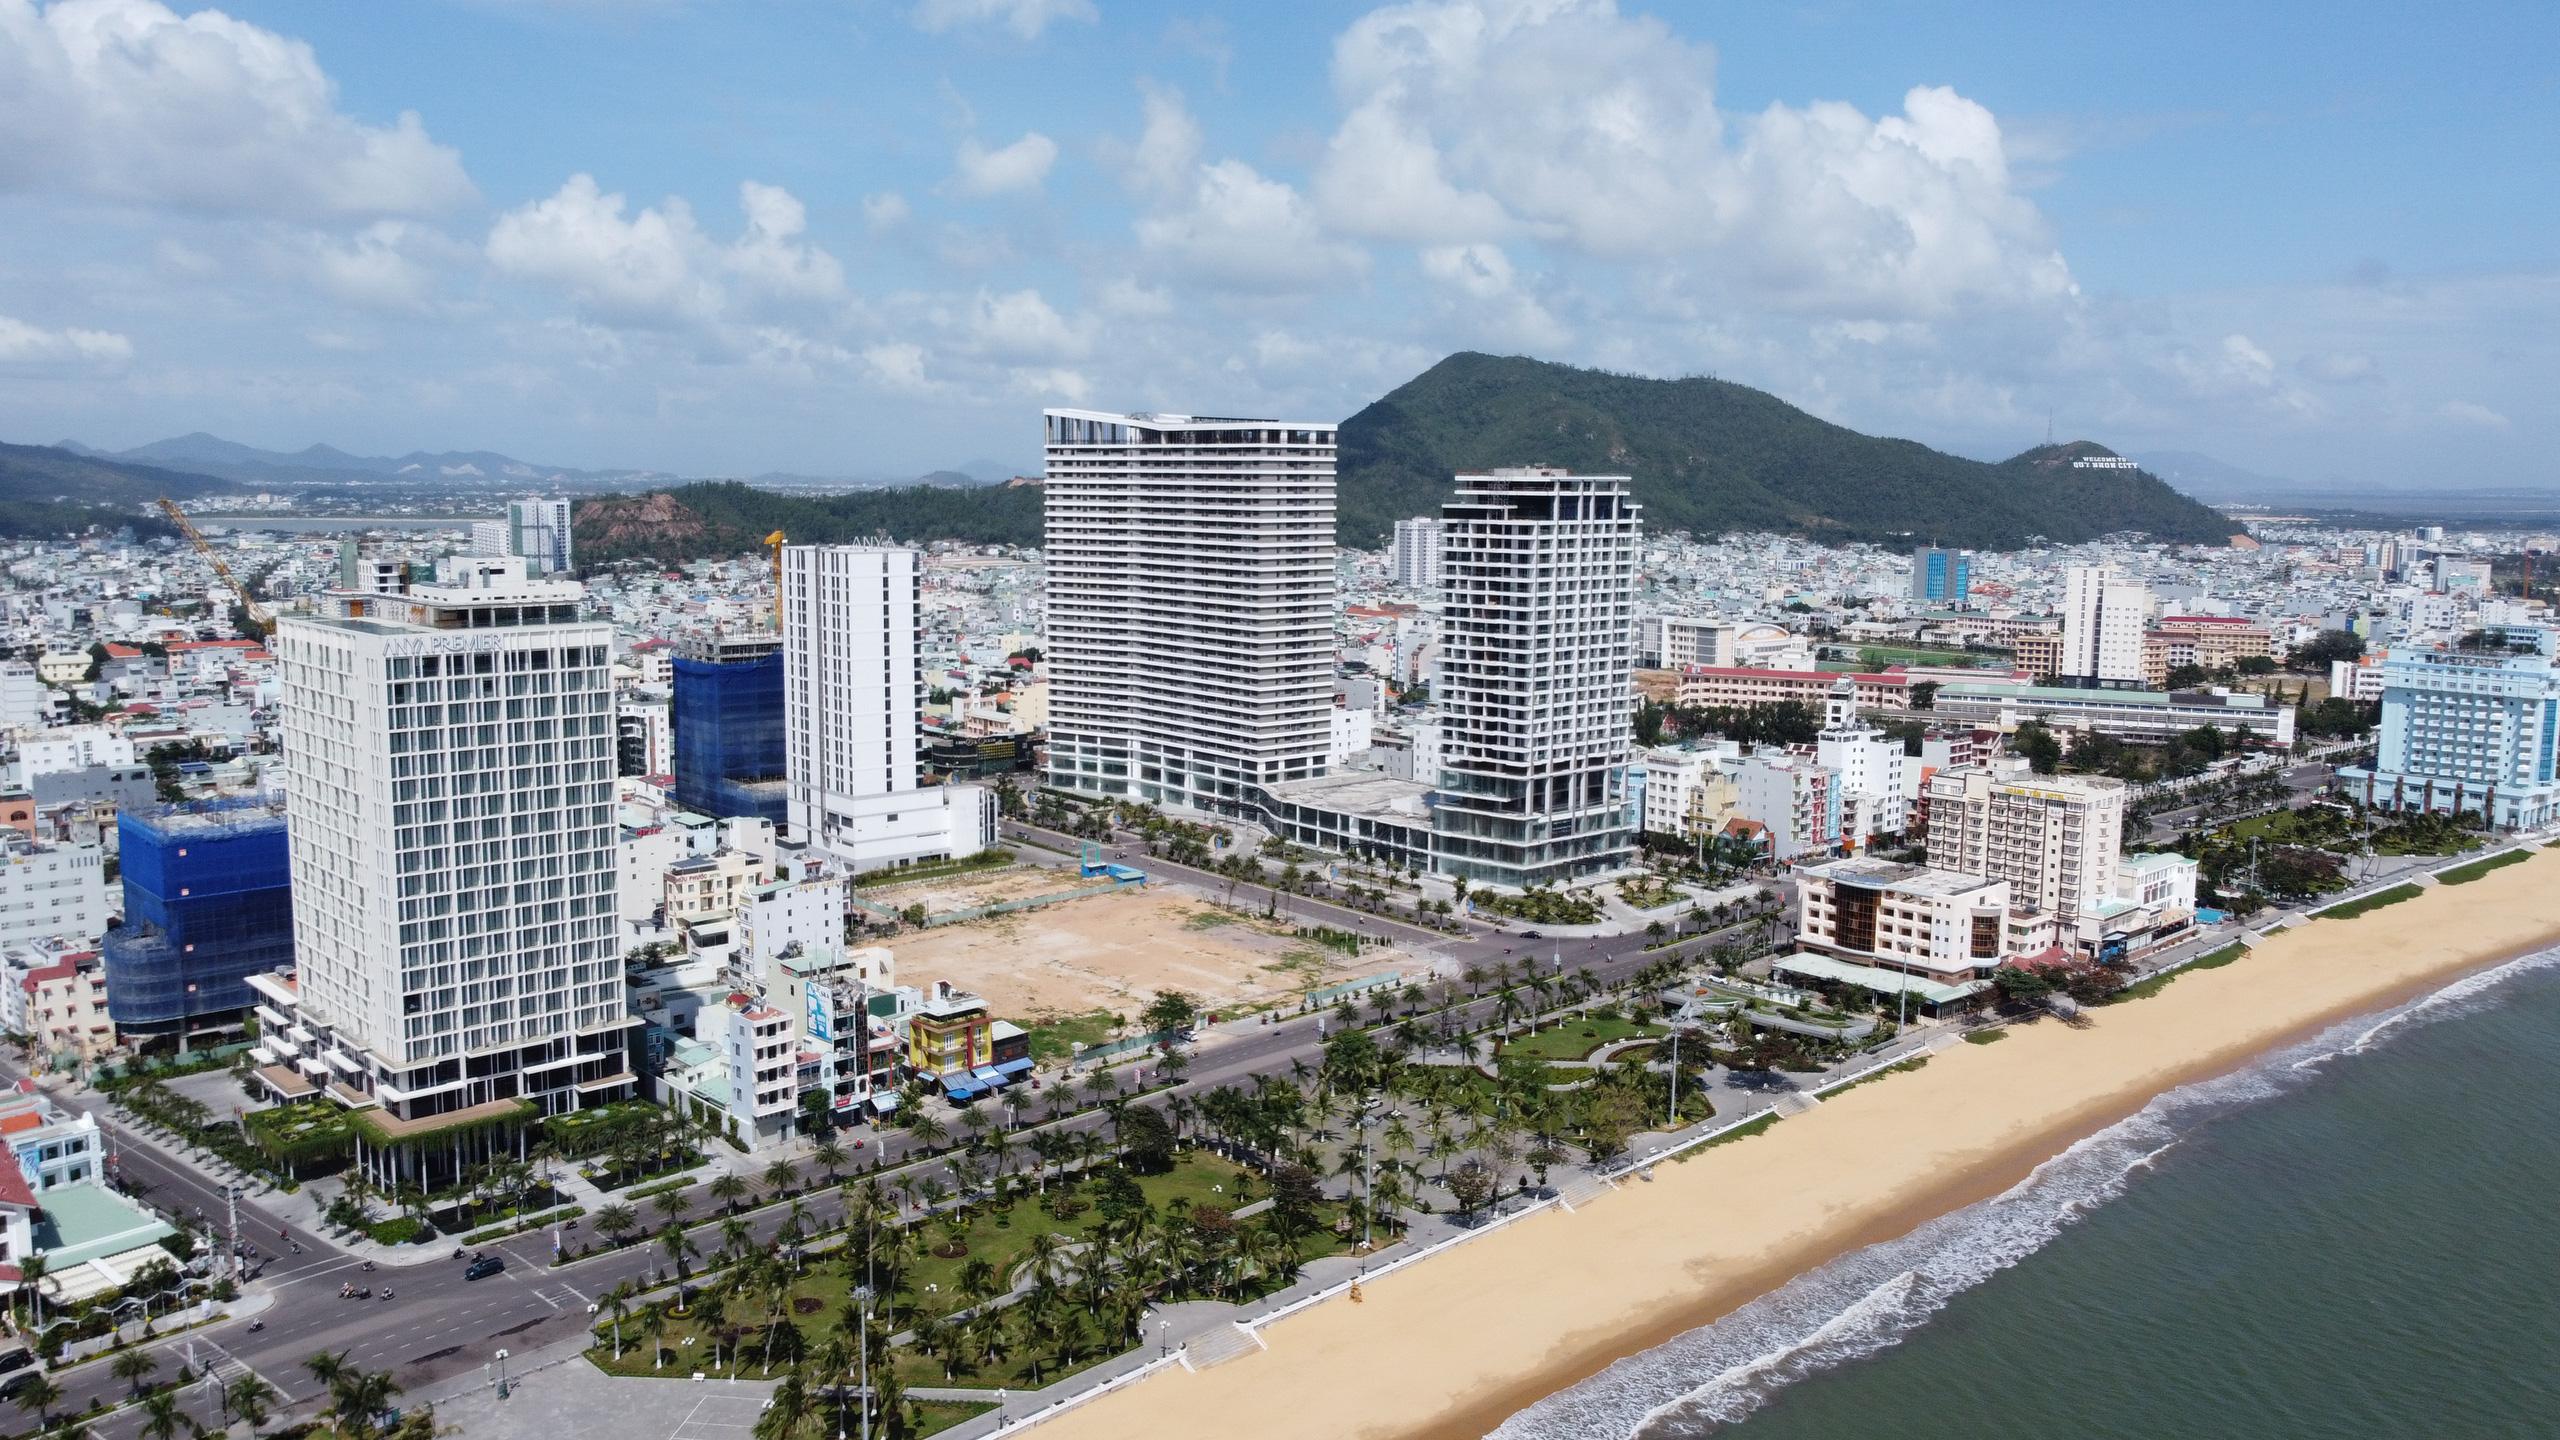 Gần 24.000 tỷ đồng 'rót' vào Bình Định trong quý I/2021 - Ảnh 1.